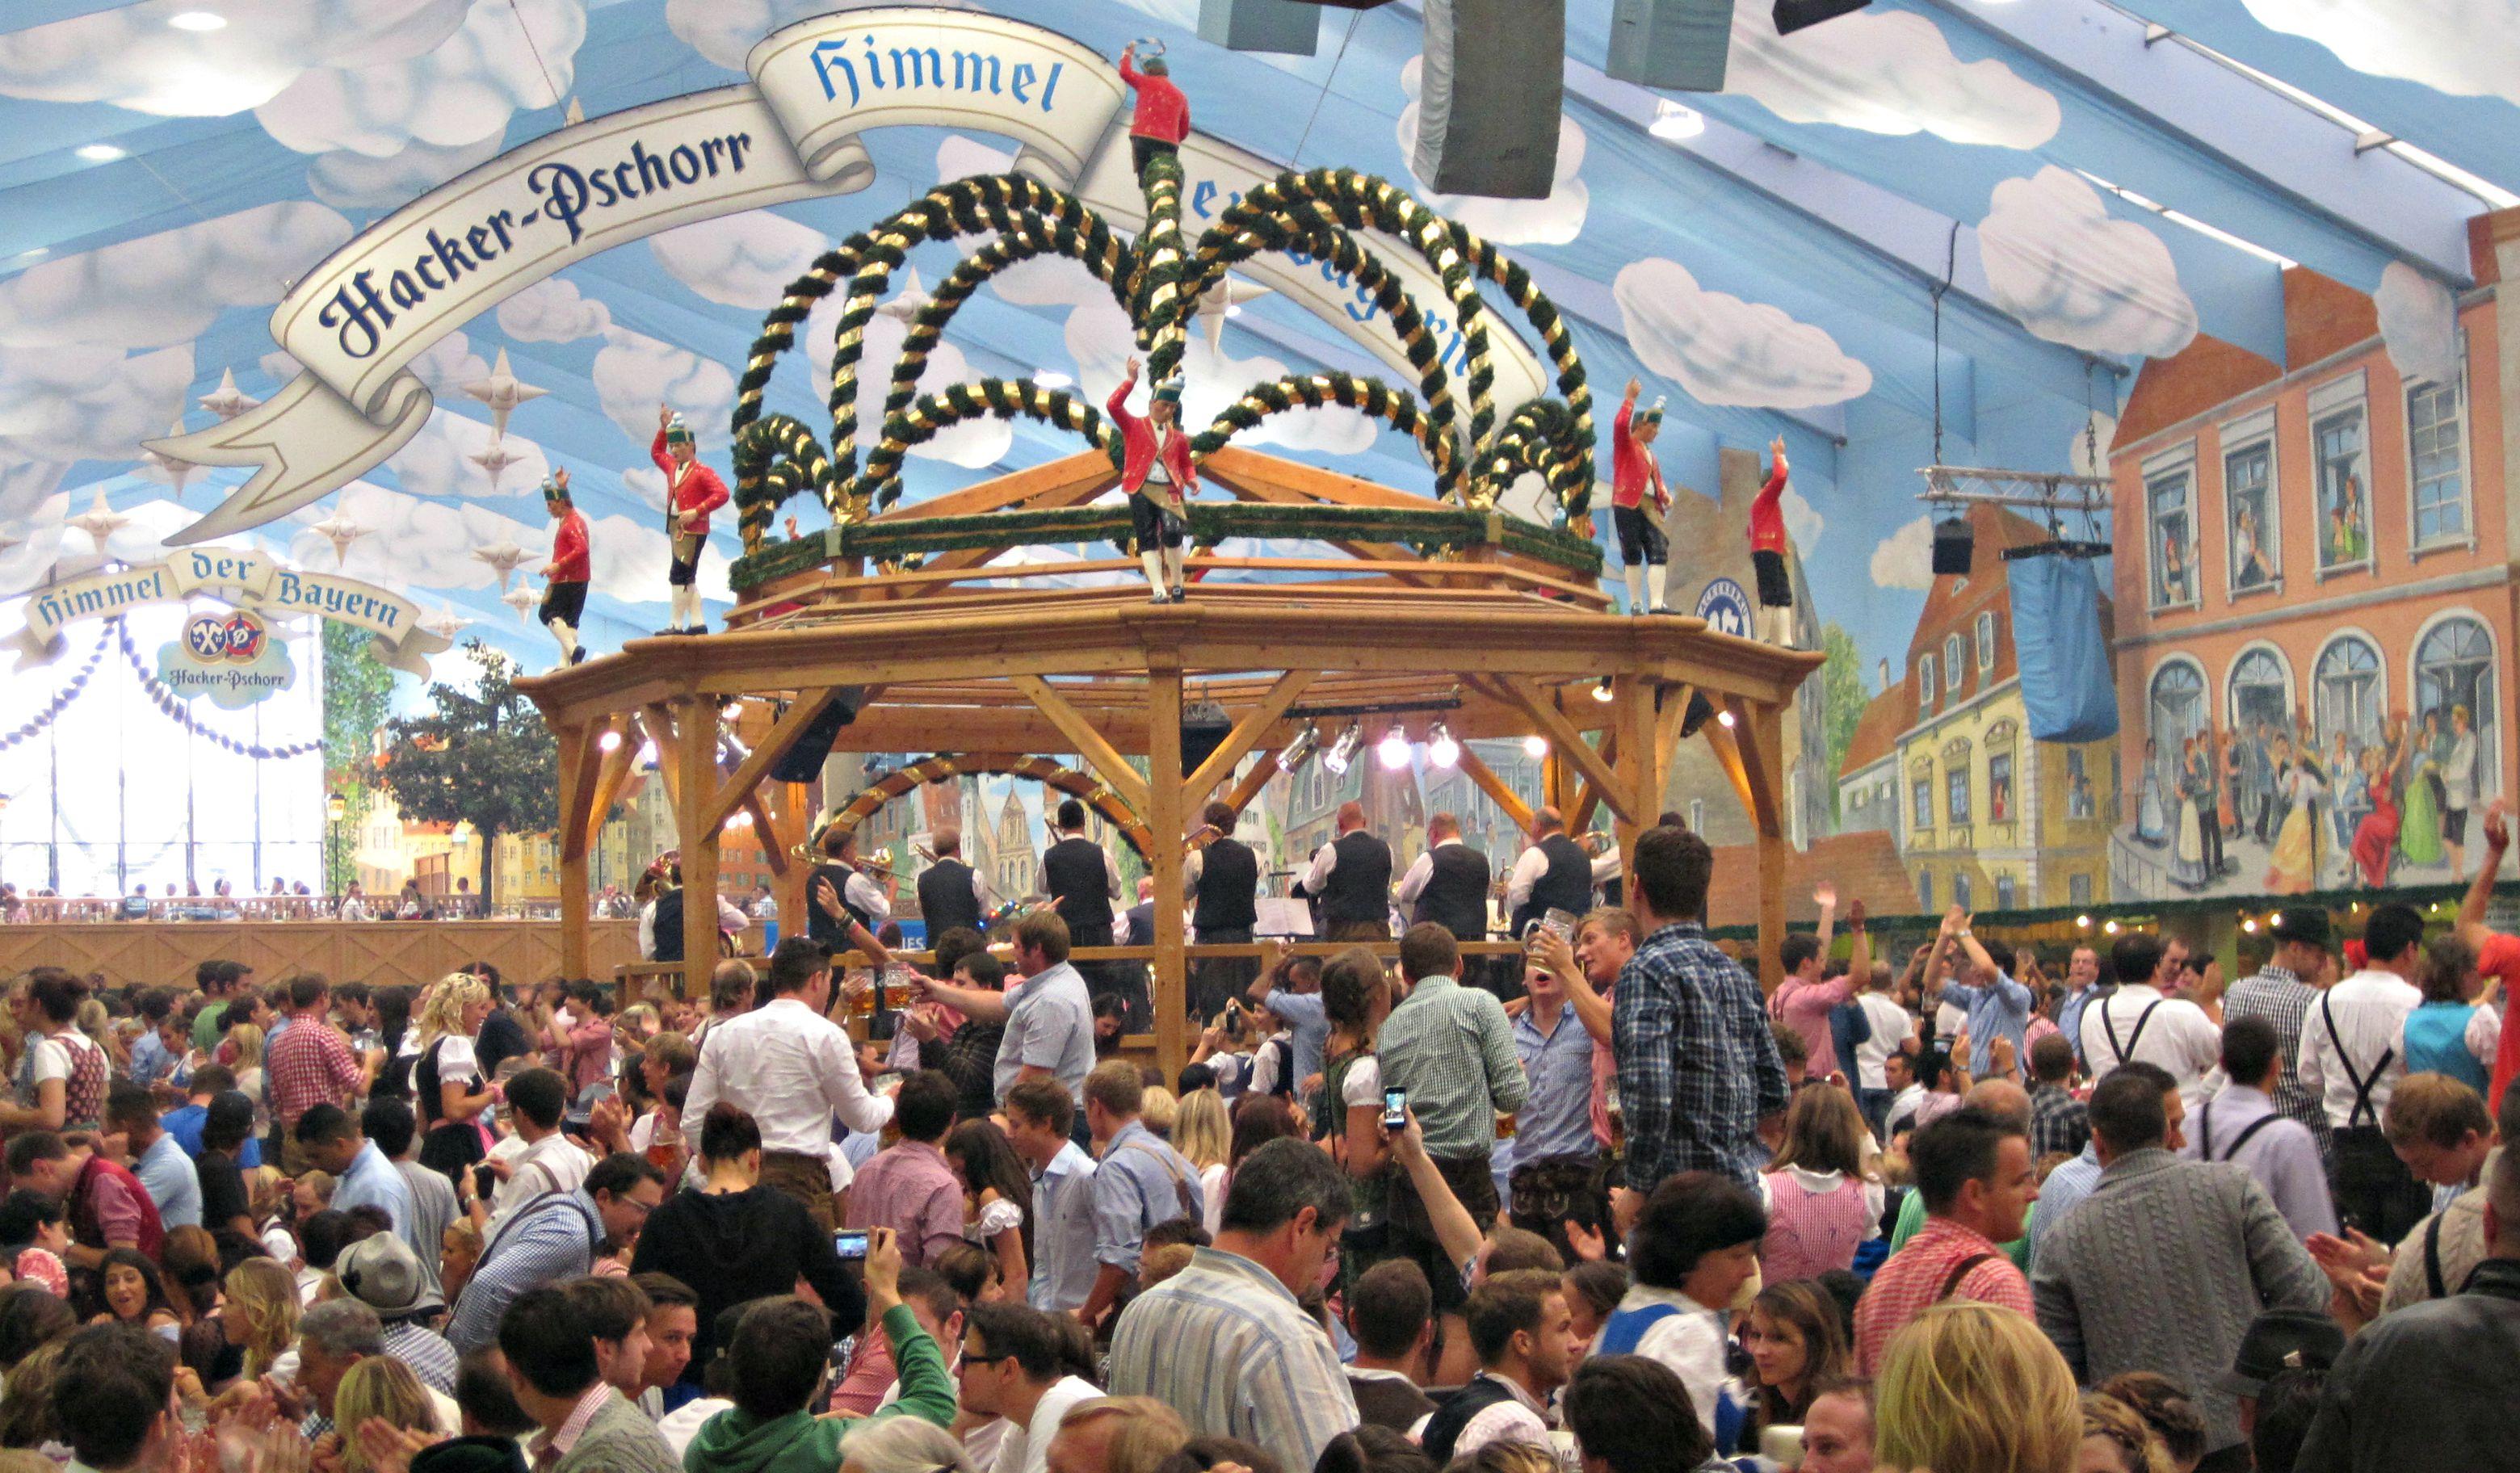 Hacker Pschorr Tent Oktoberfest & Hacker Pschorr Tent Oktoberfest - The Economical Excursionists